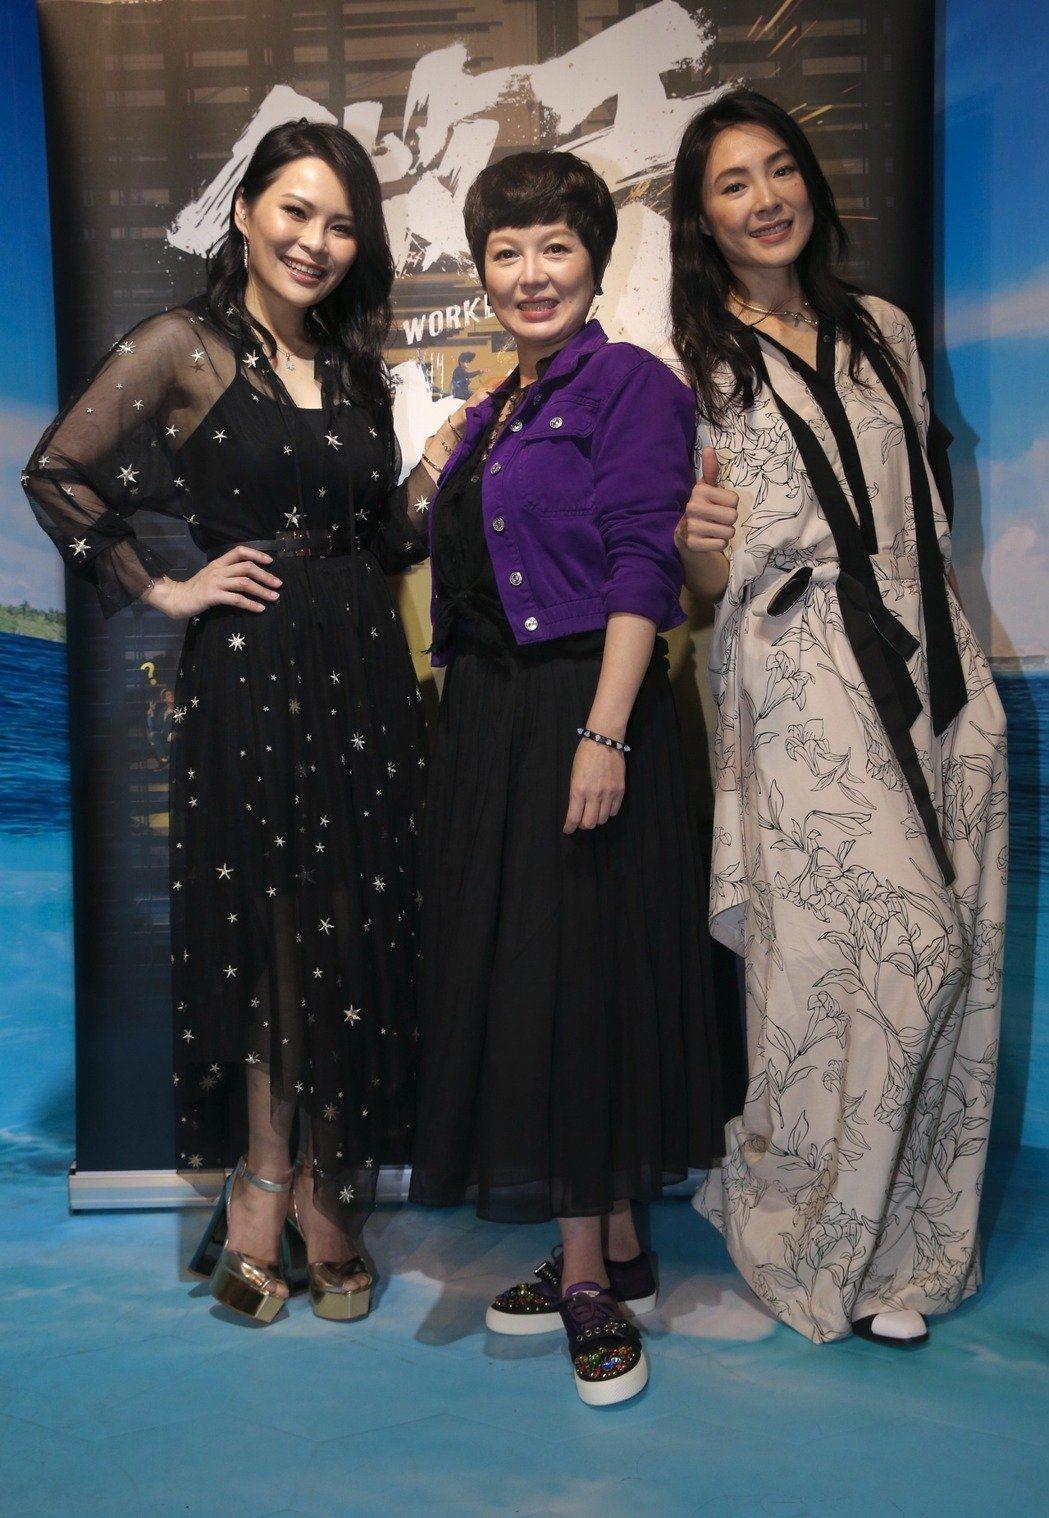 周蕙(左起)、苗可麗、曾珮瑜出席「做工的人」宣傳活動。記者林俊良/攝影